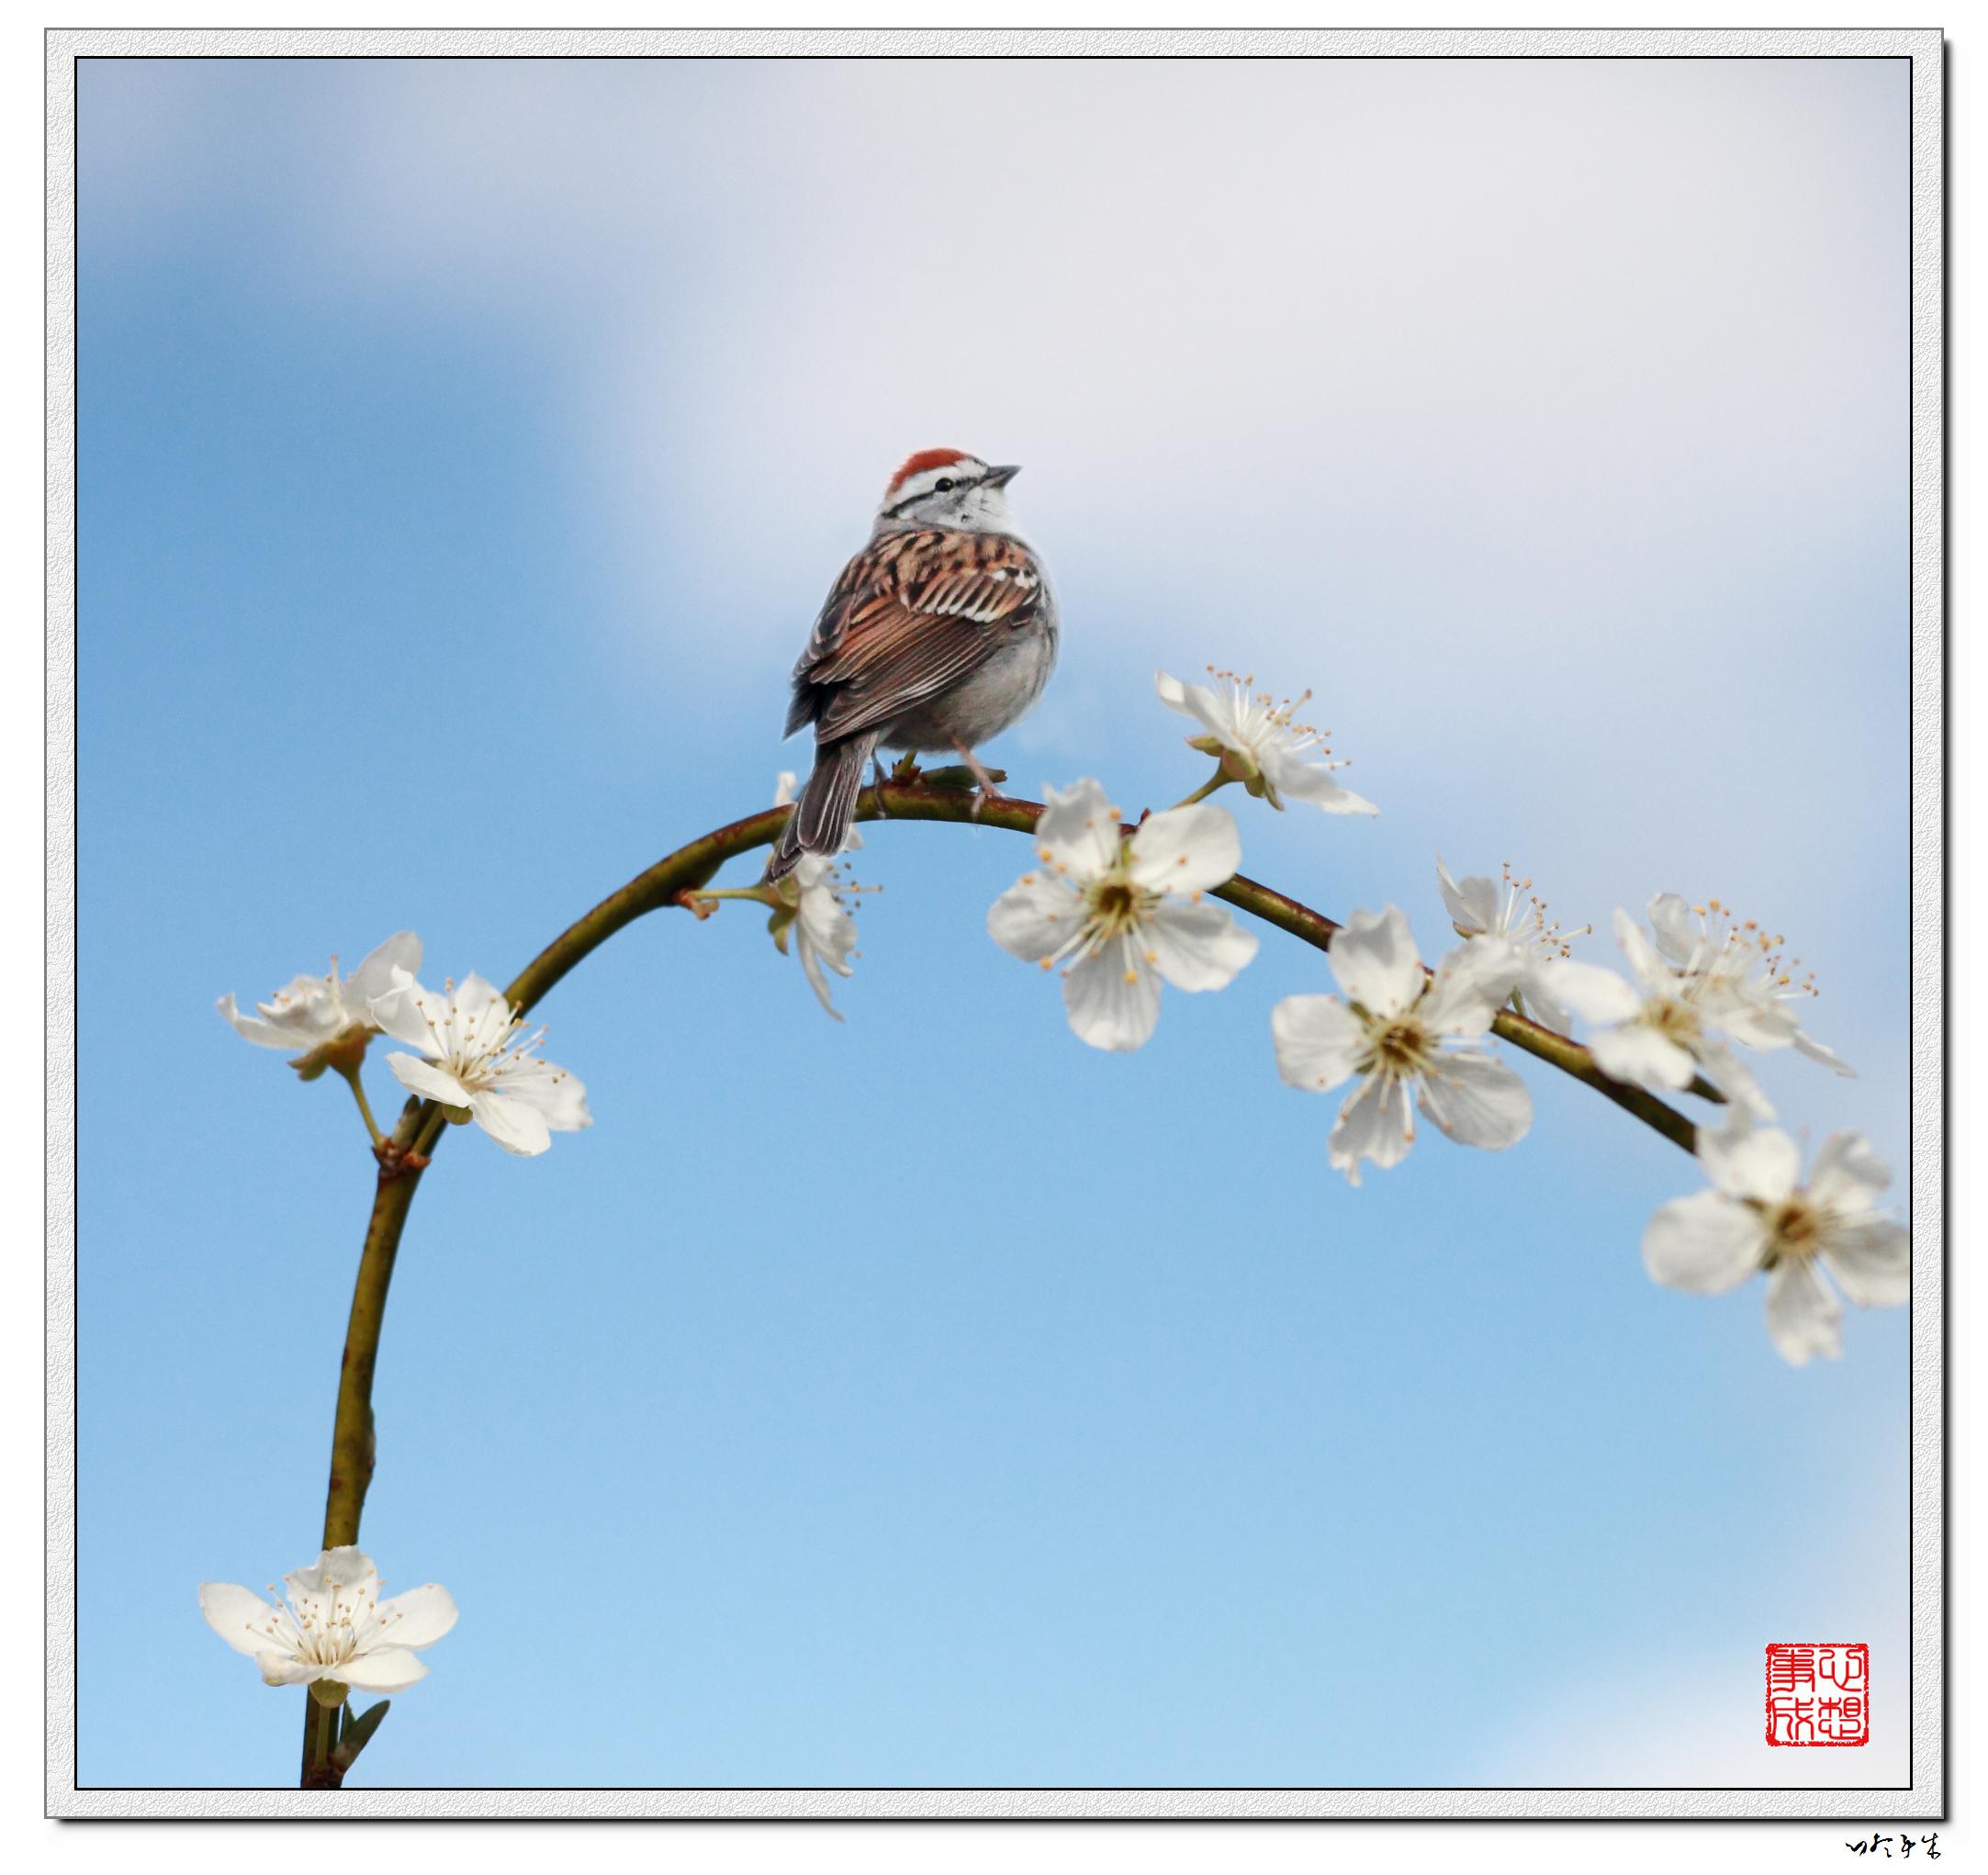 【心想事成】鸟语花香-PS合成的原创片_图1-3